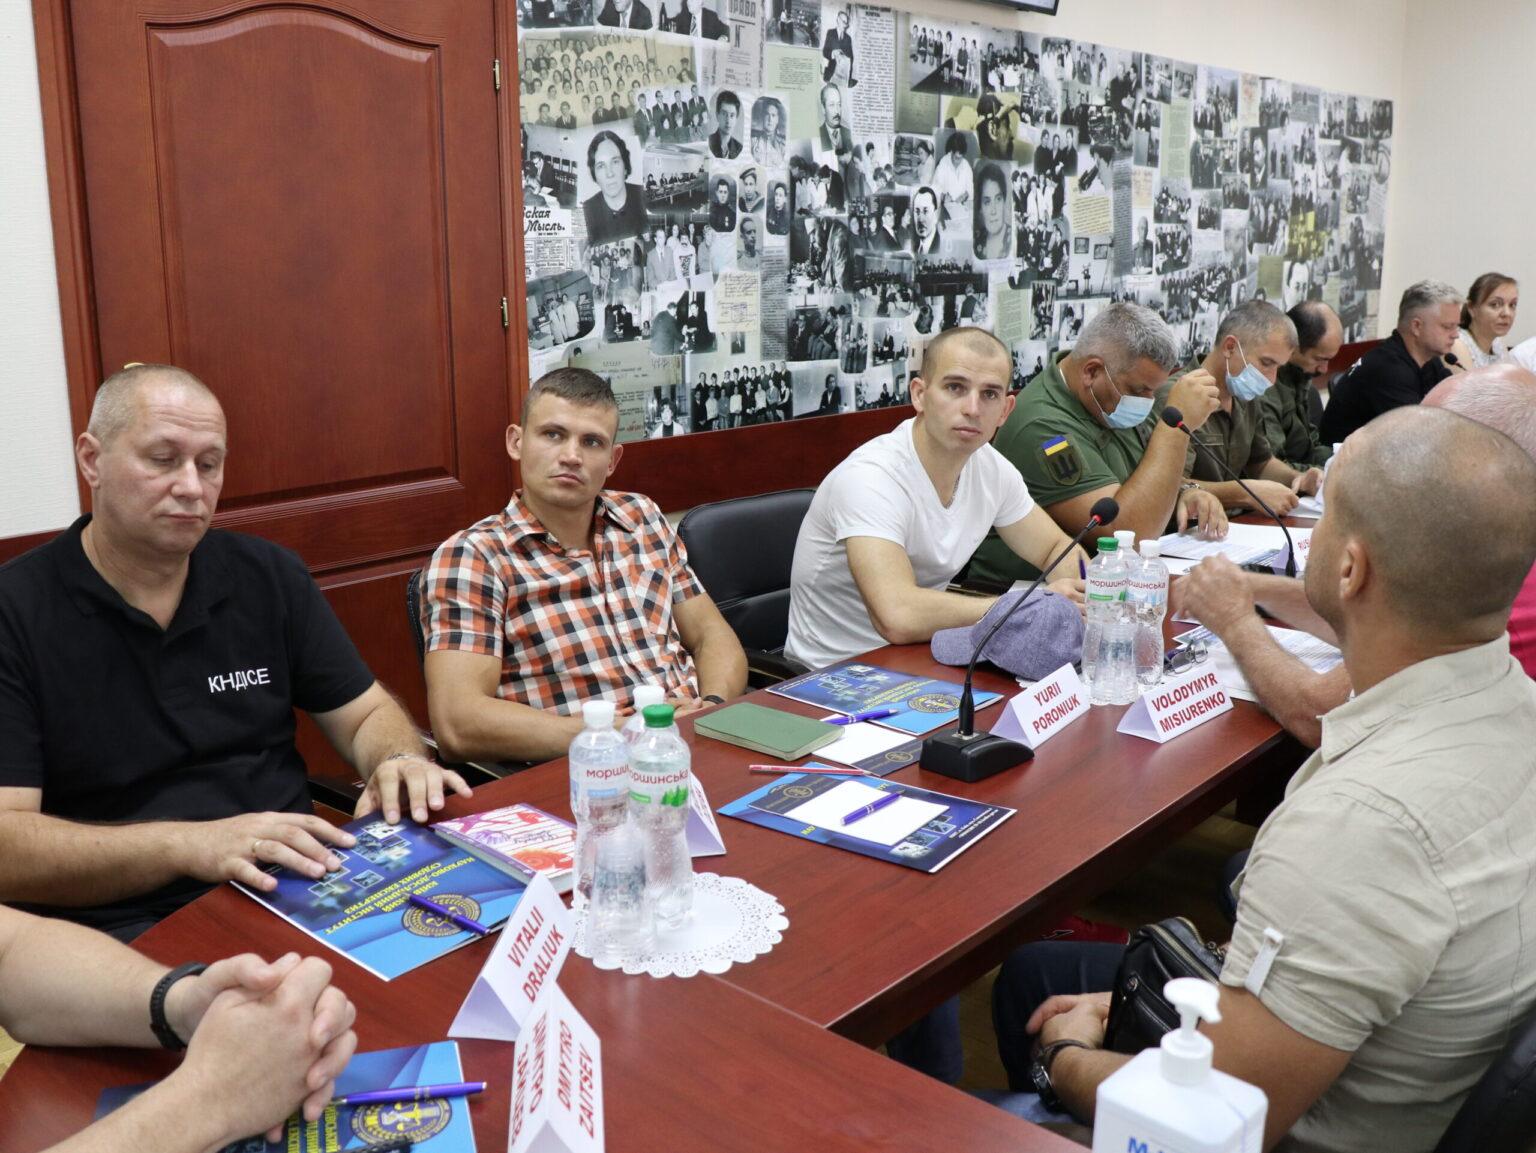 На базі Київського НДІСЕ проведено засідання українських та канадських експертів з питань протидії вибухонебезпечним загрозам